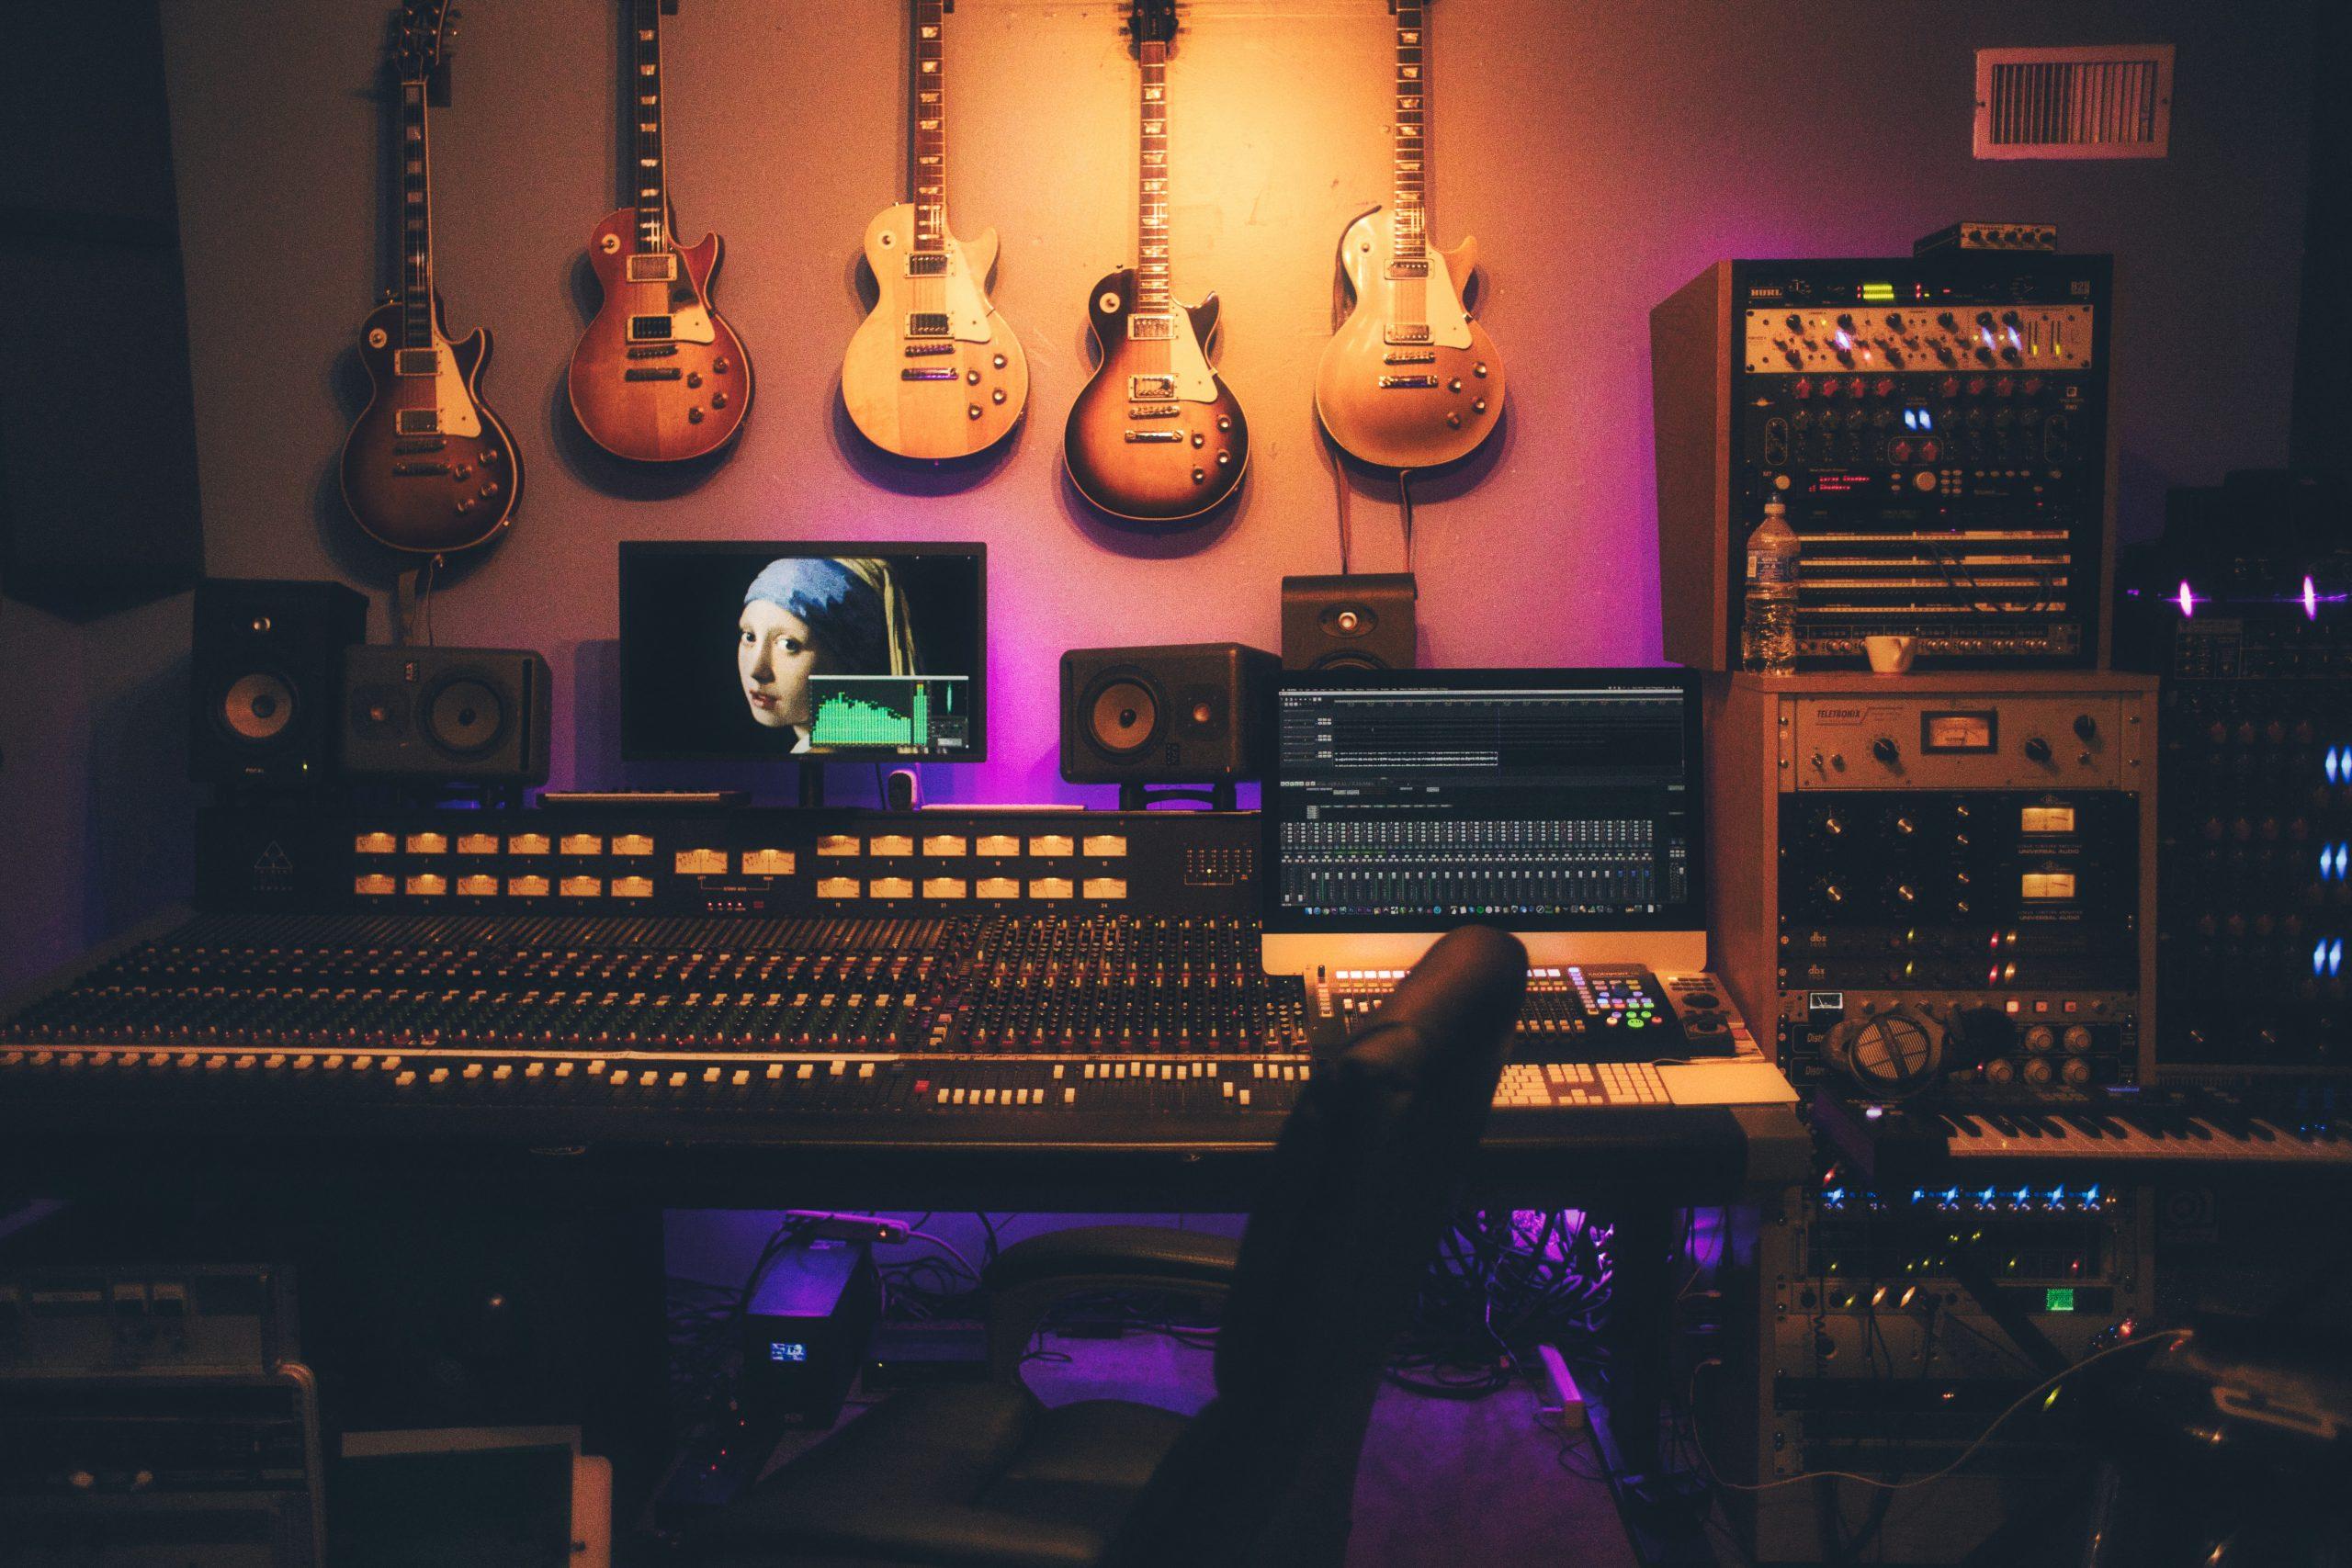 Noise Floor in music studio